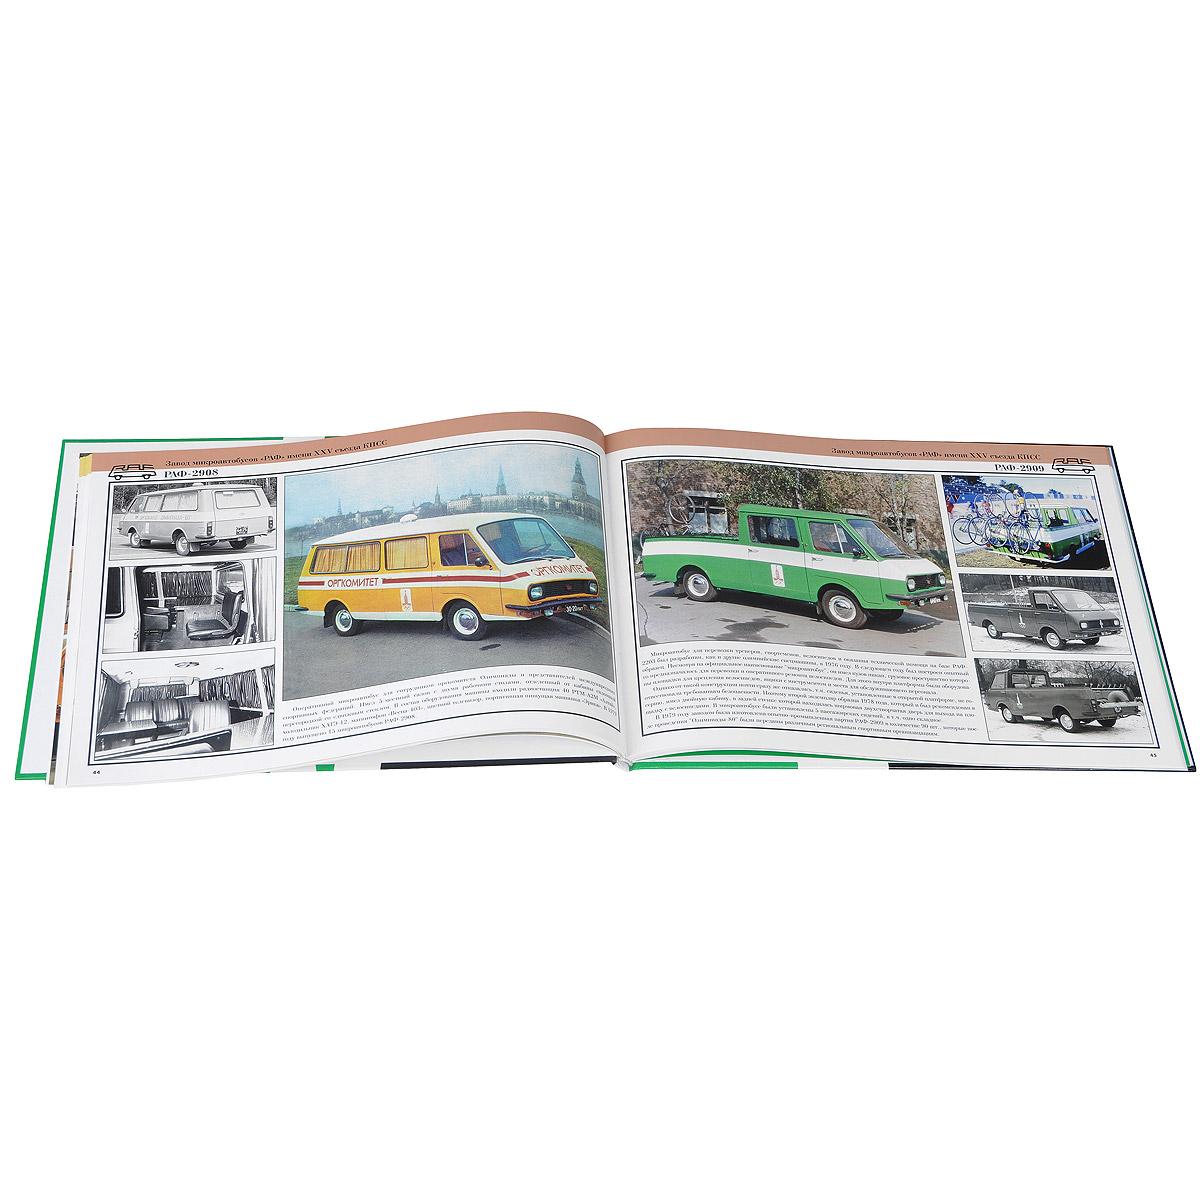 Автобусы X пятилетки. 1976-1980 гг. Фотоальбом